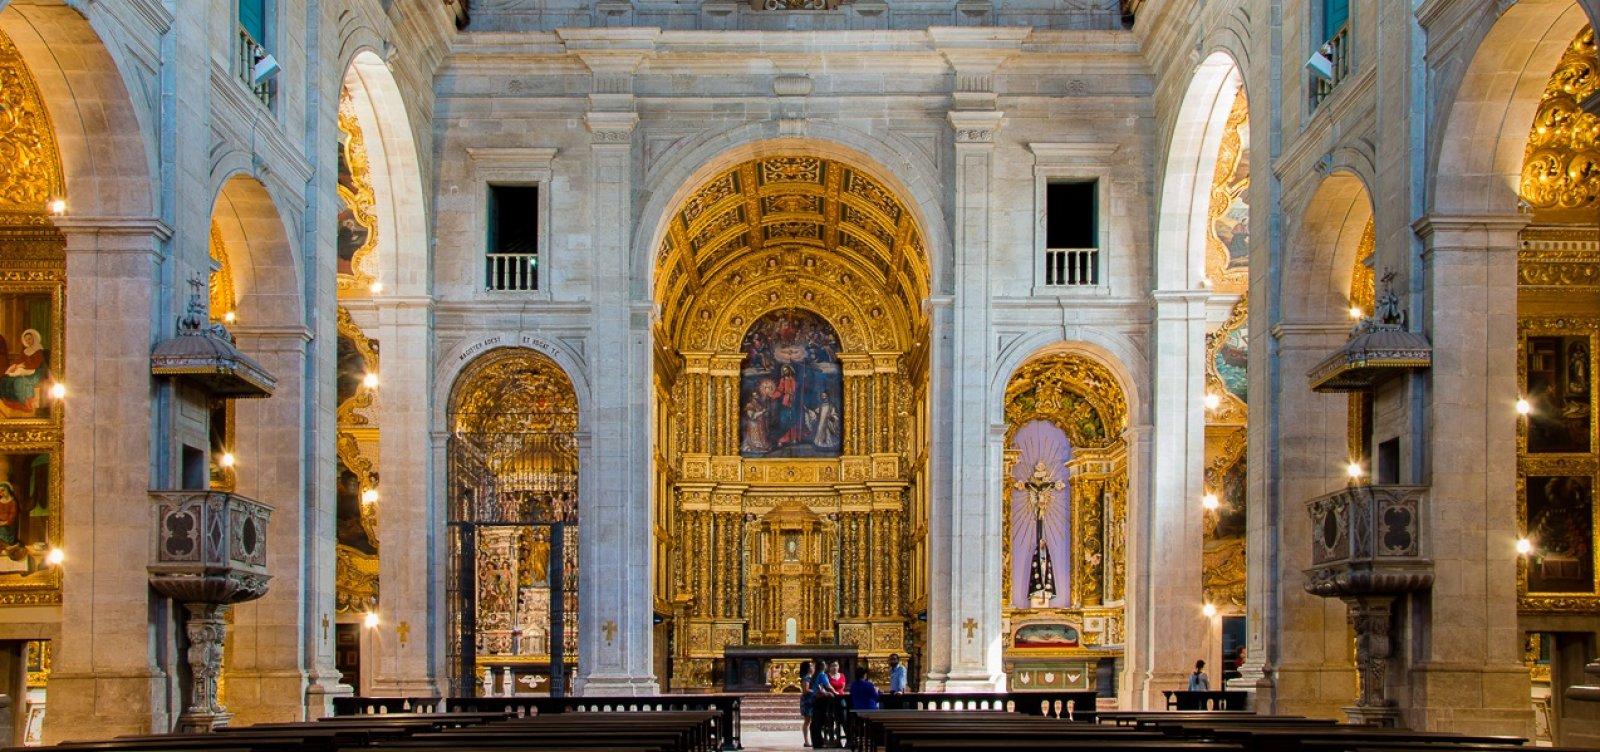 [Catedral Basílica ganha altar definitivo após 55 anos com relíquia de Santa Dulce]